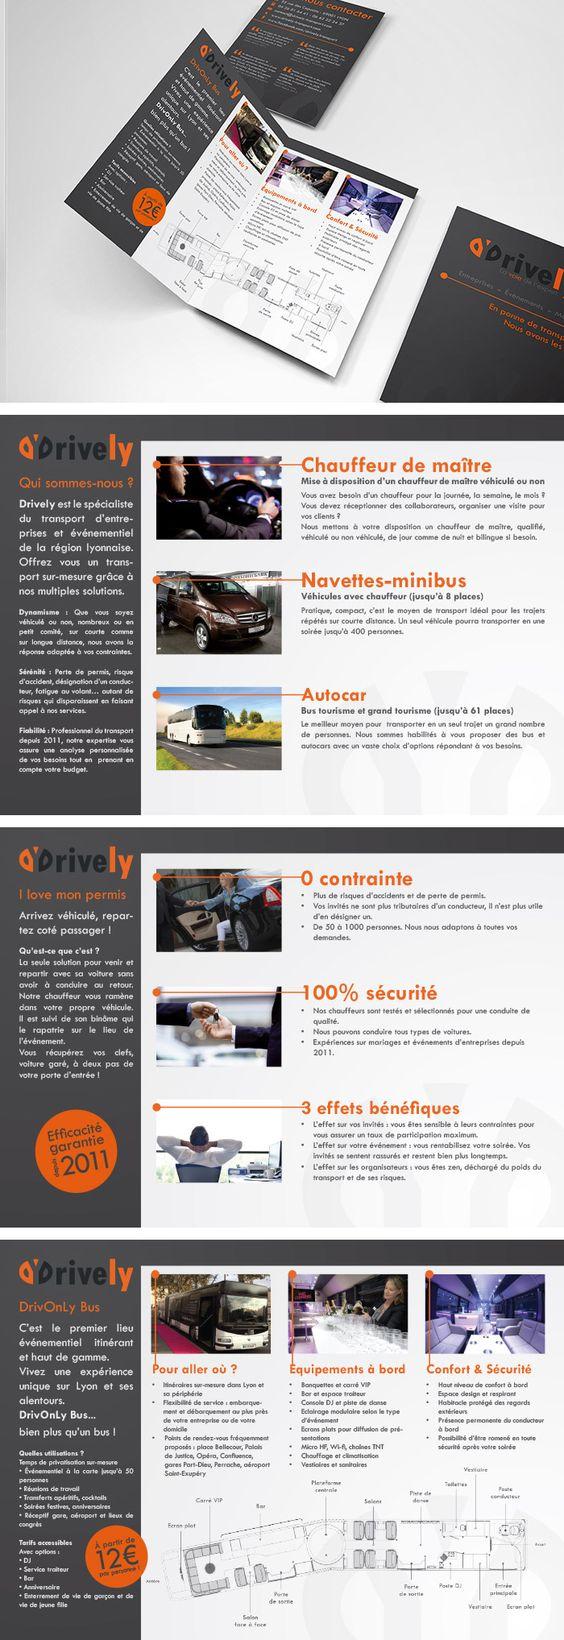 Plaquette commerciale - Sales Leaflet - Drively - Société de transport - Transport company